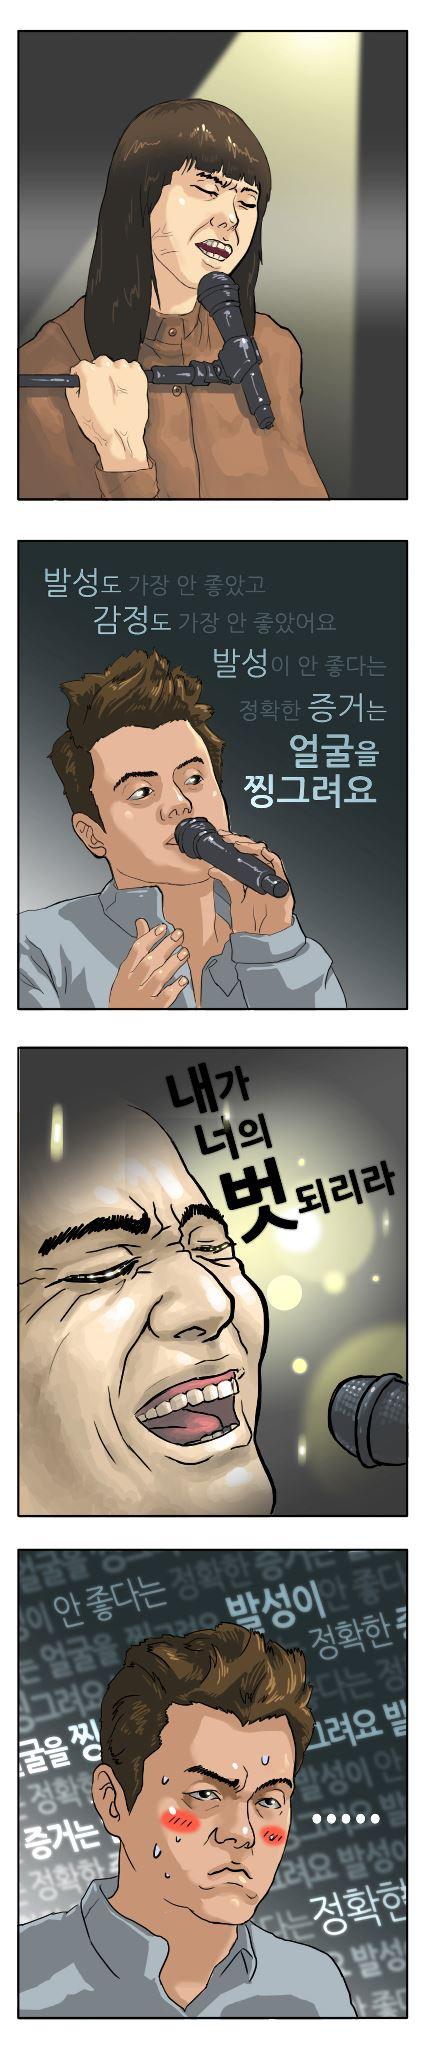 박진영의 심사평에 대한 조롱